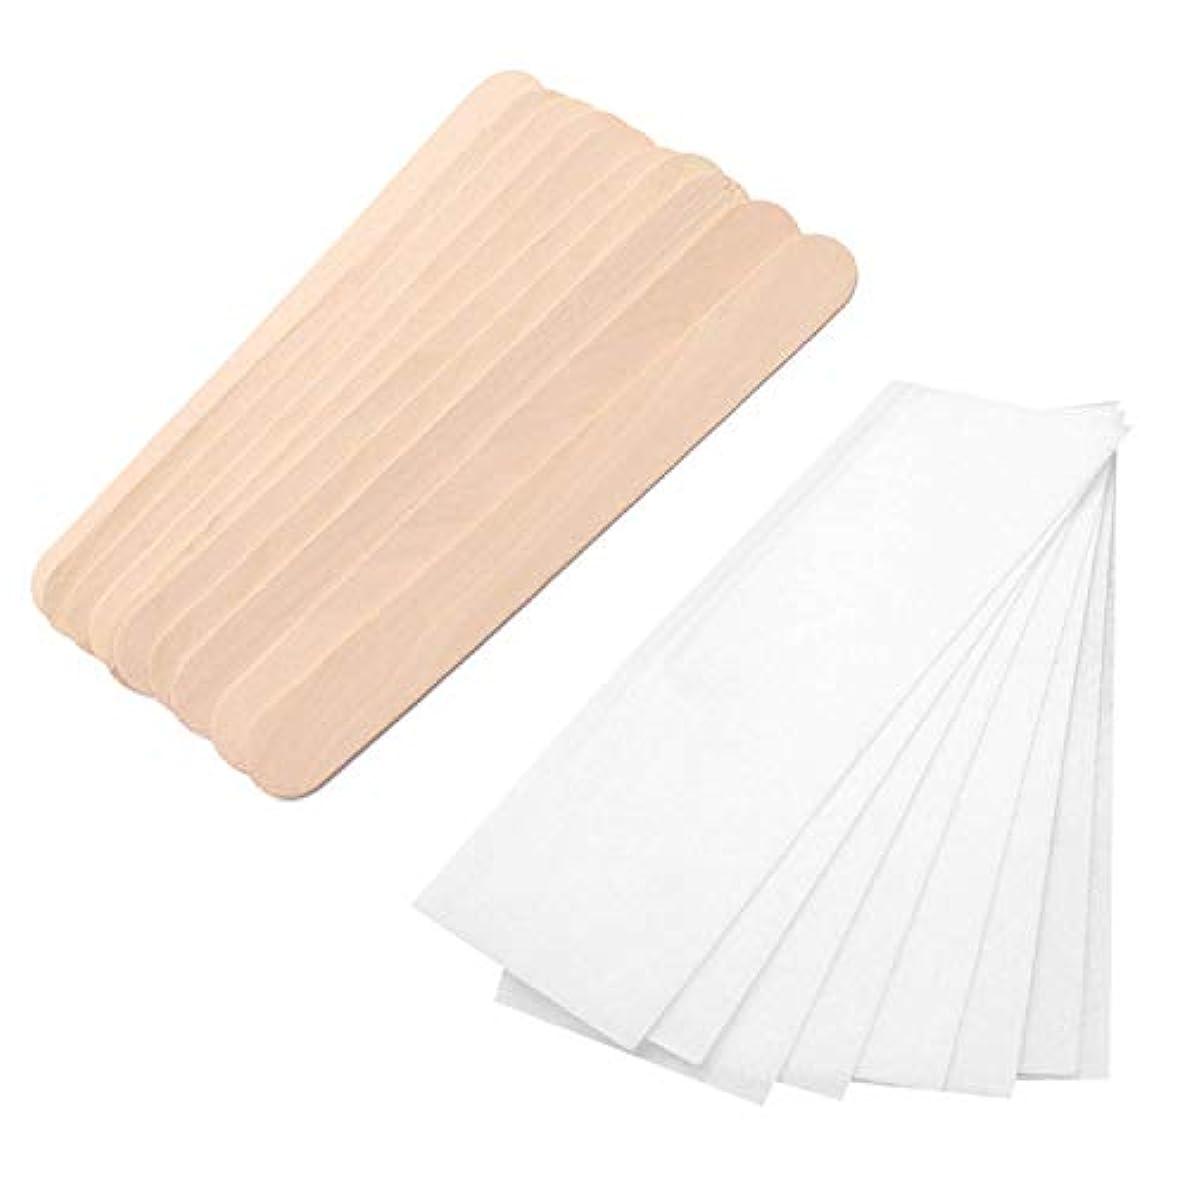 天新しい意味アイザックMigavann 100個木製ワックススティック 使い捨て木製ワックススティックへらアプリケーター 100個不織ワックスストリップ脱毛紙